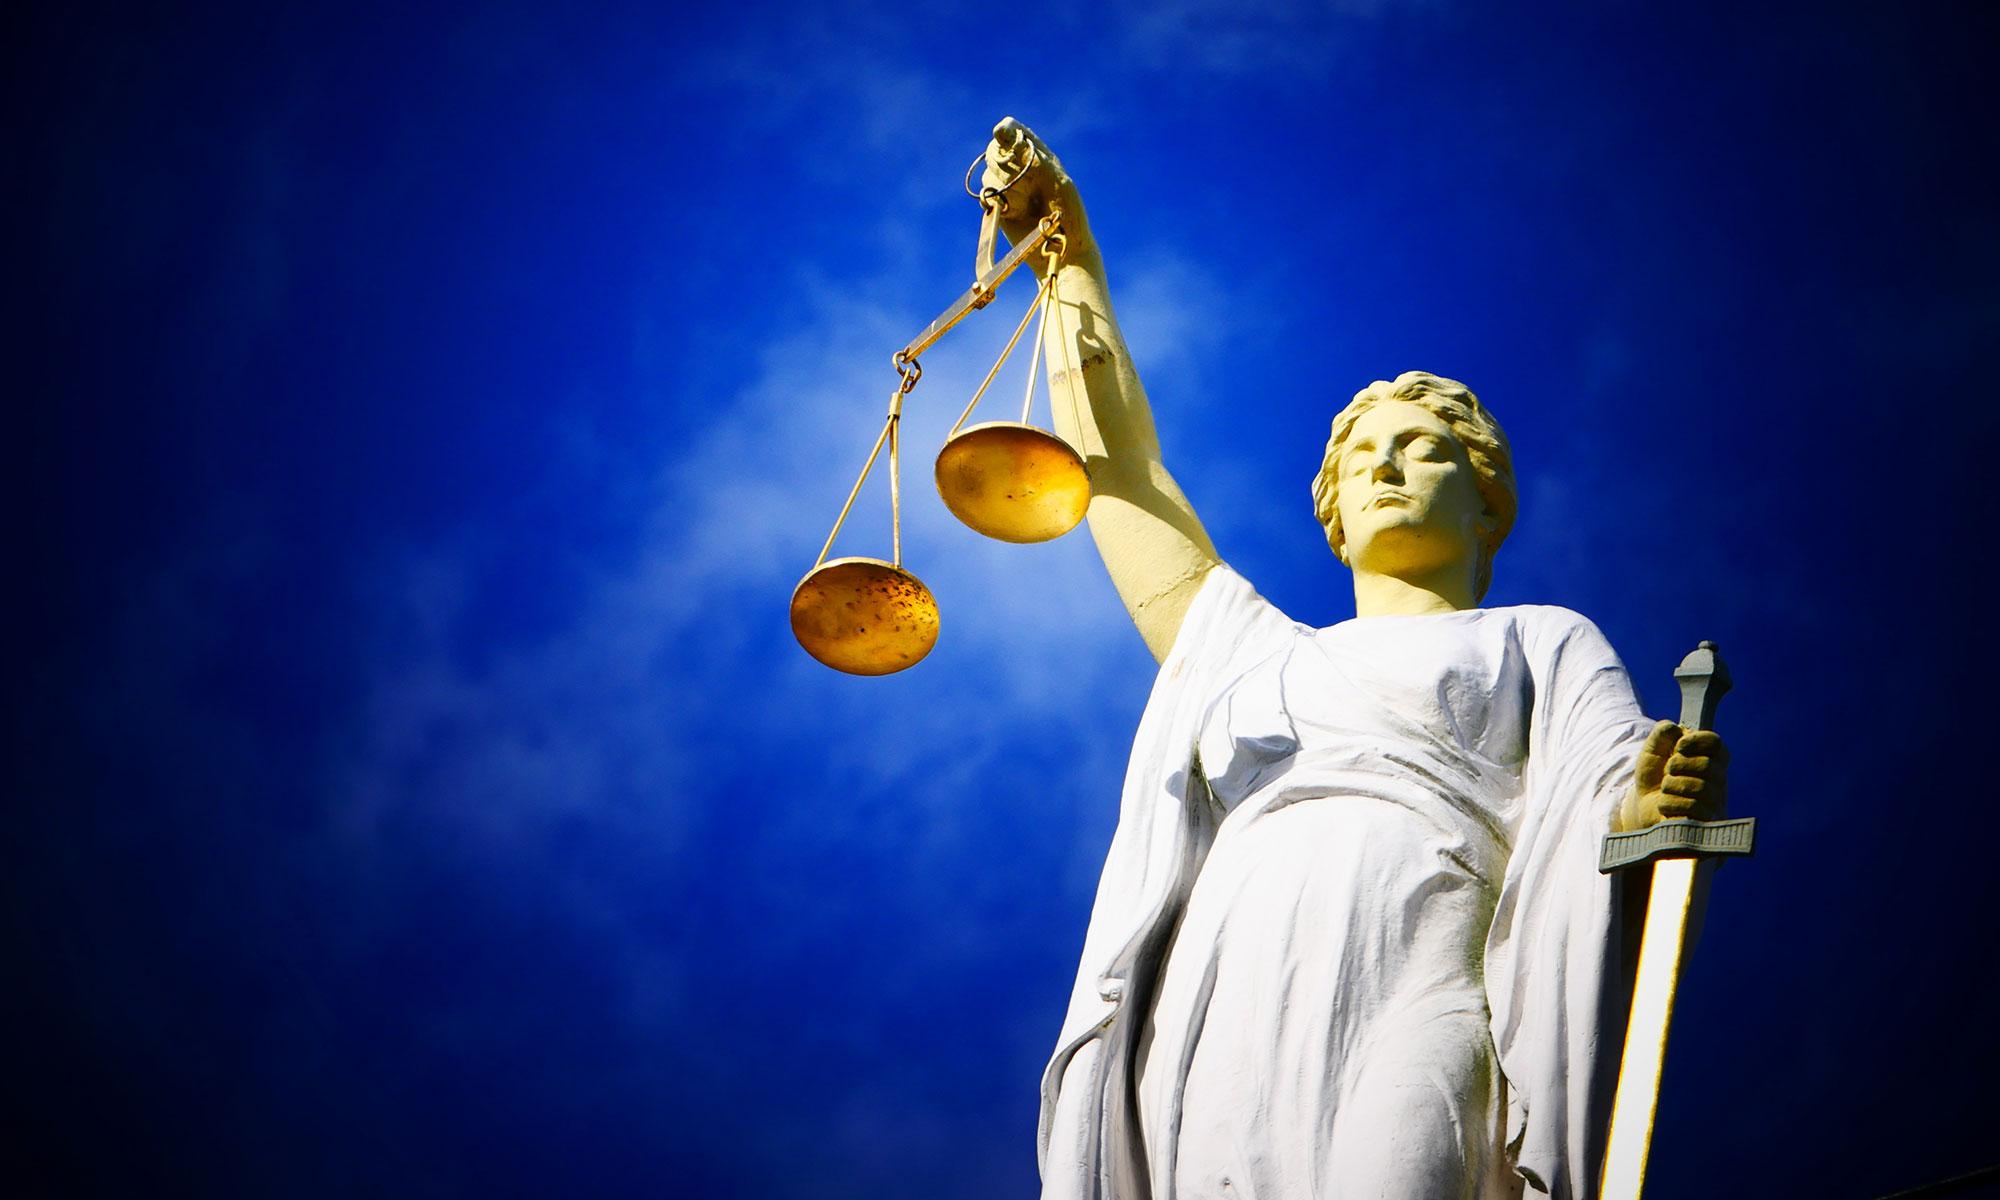 Betriebsrechtsschutz Justizia